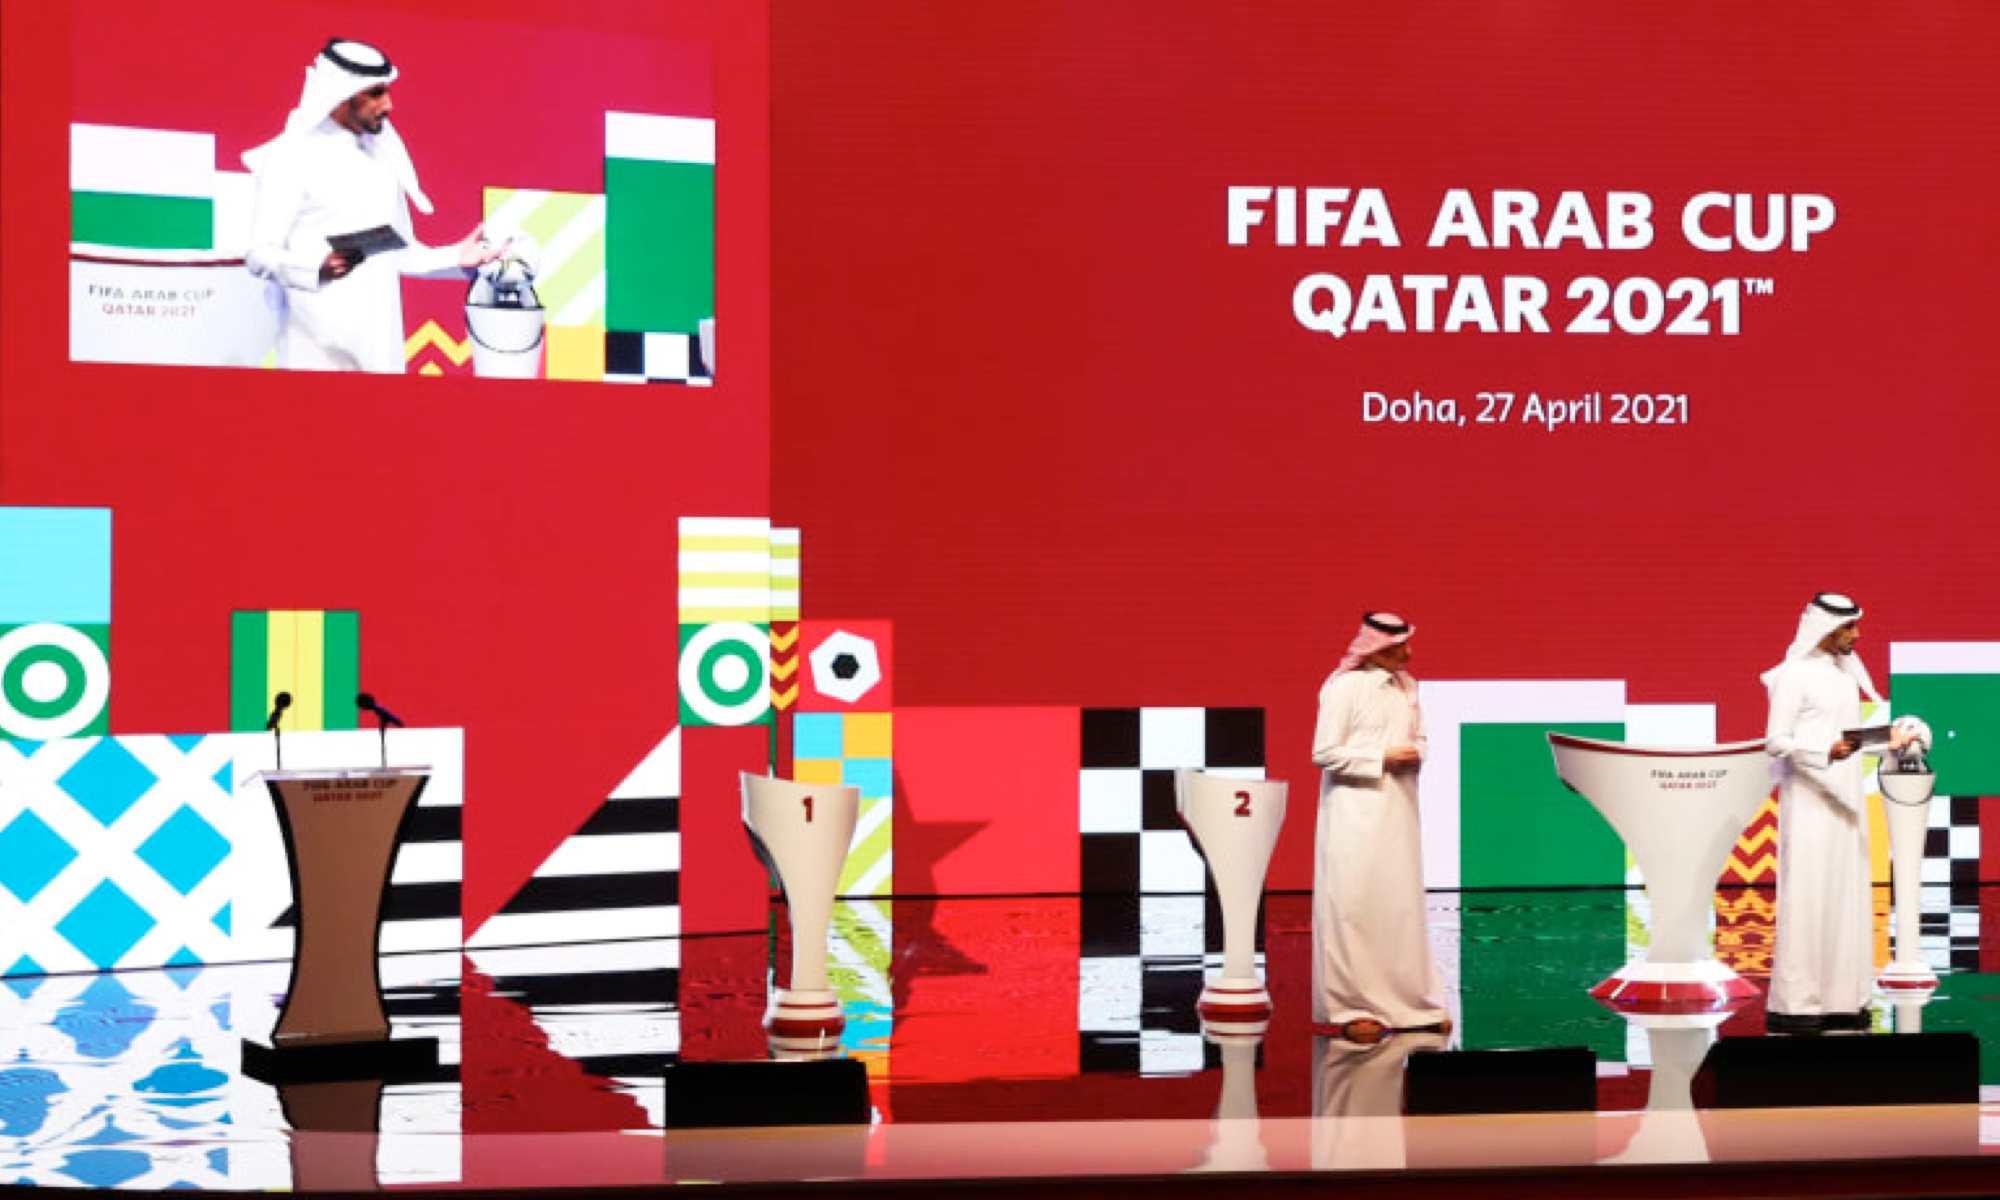 tirage qatar fifa arab cup 2021